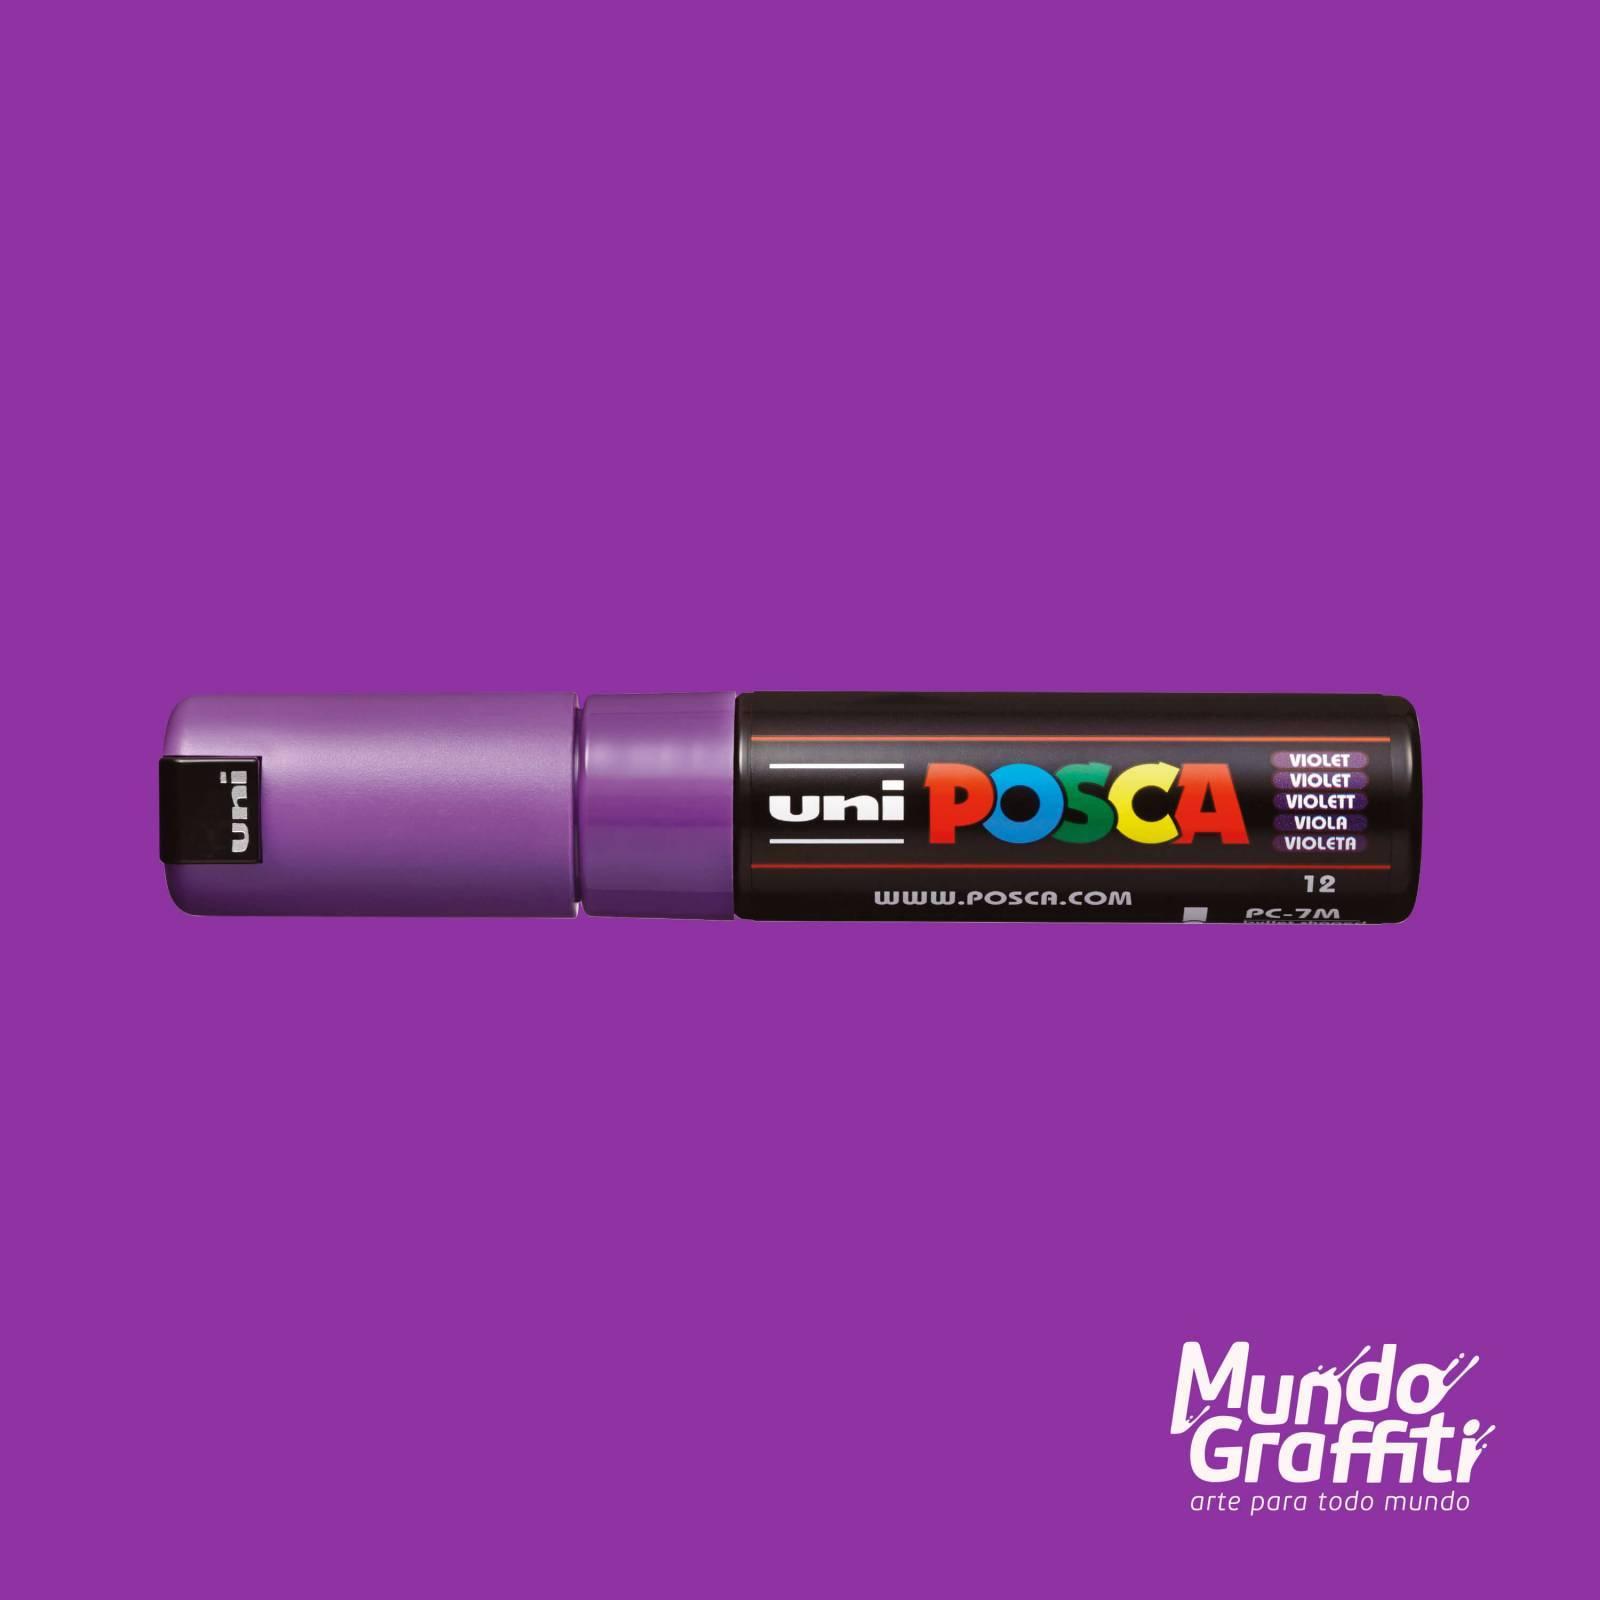 Caneta Posca 7M Violeta - Mundo Graffiti